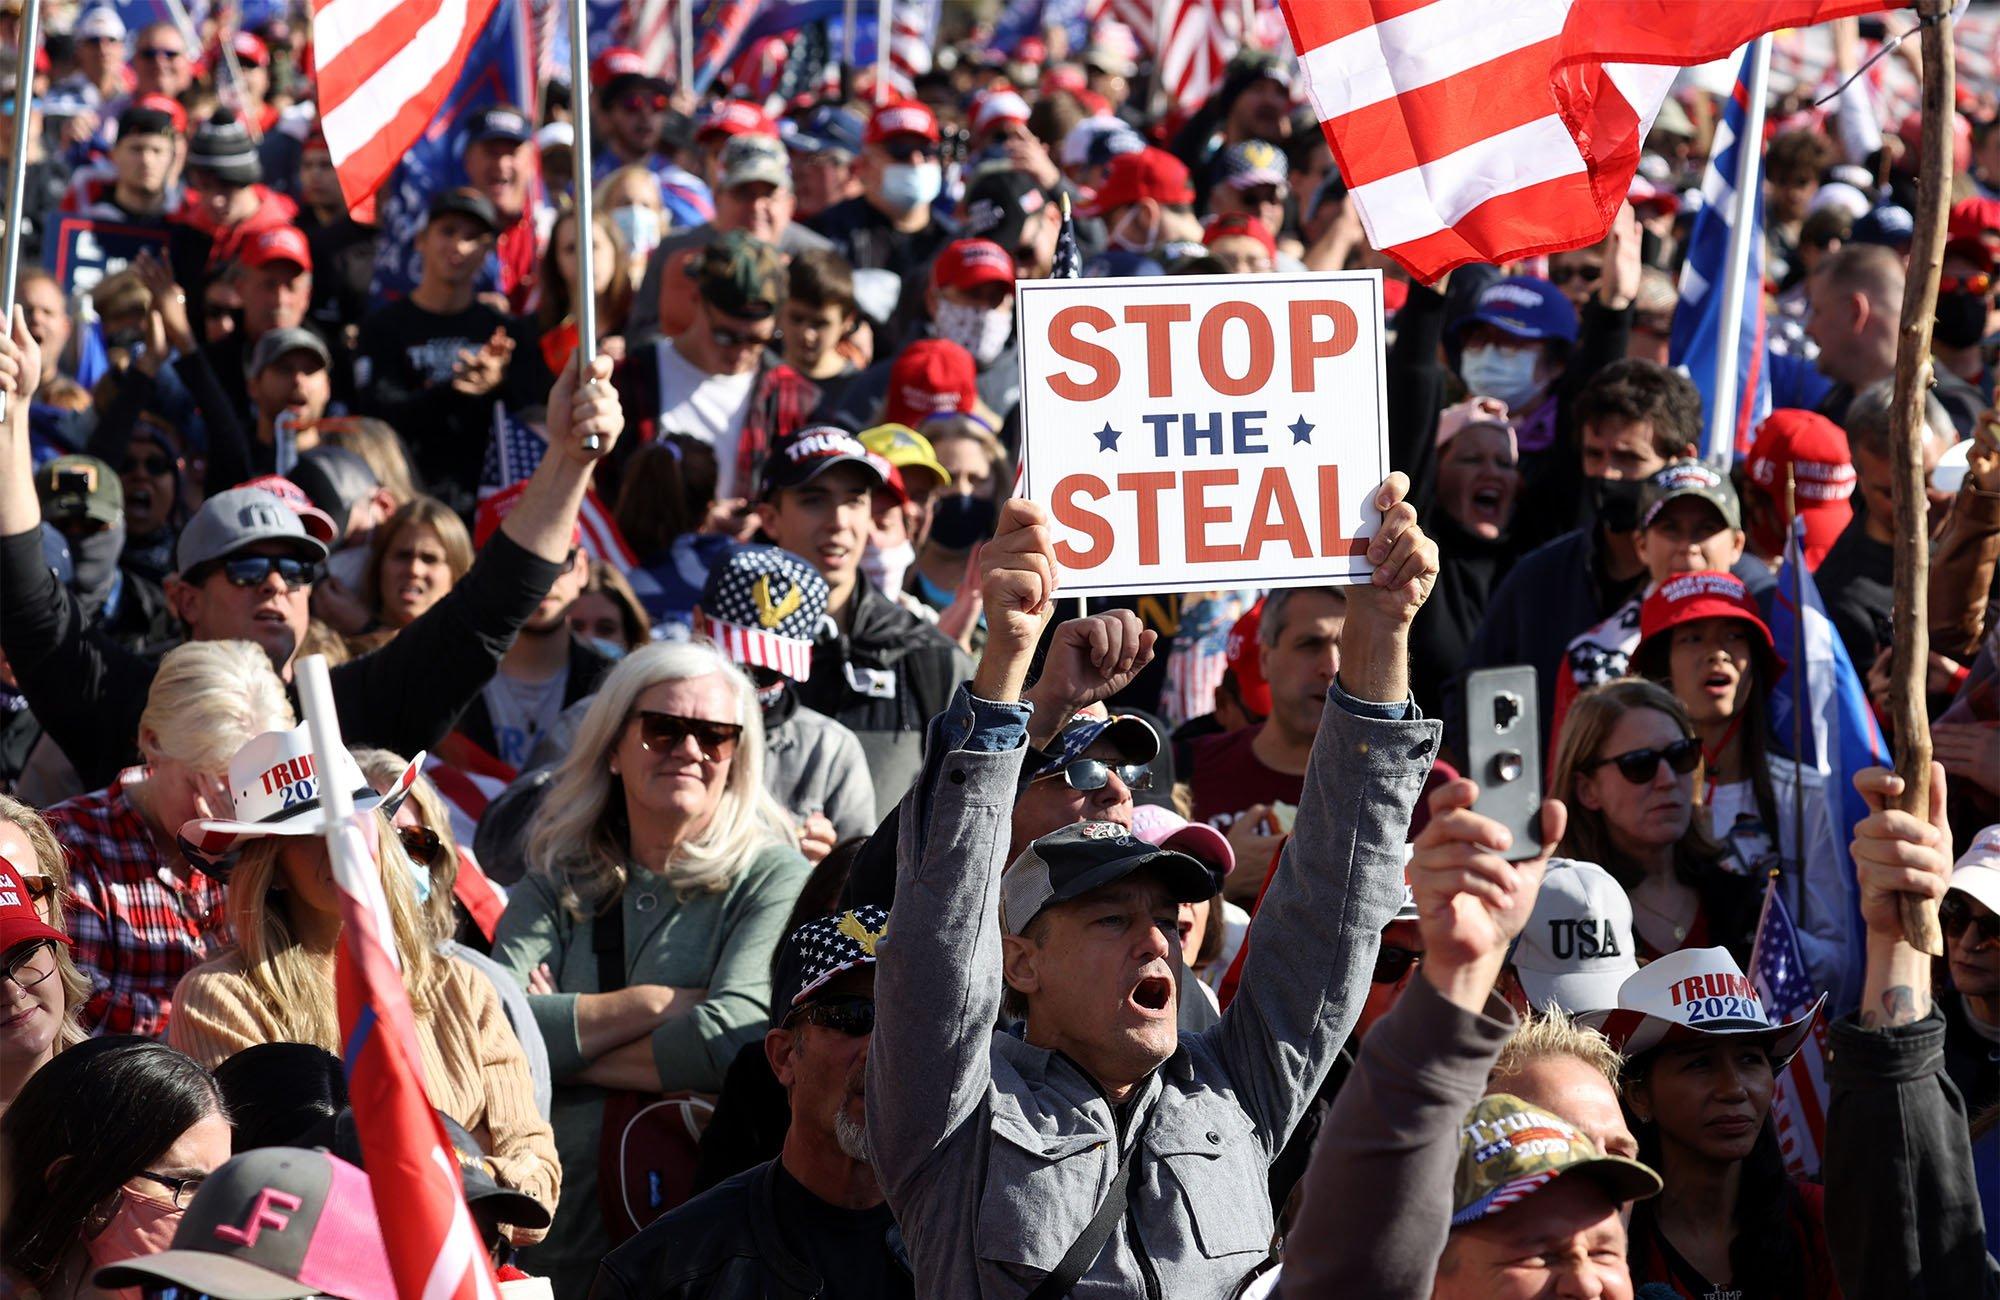 Protesta de los seguidores de Trump en Washignton el 14 de noviembre.